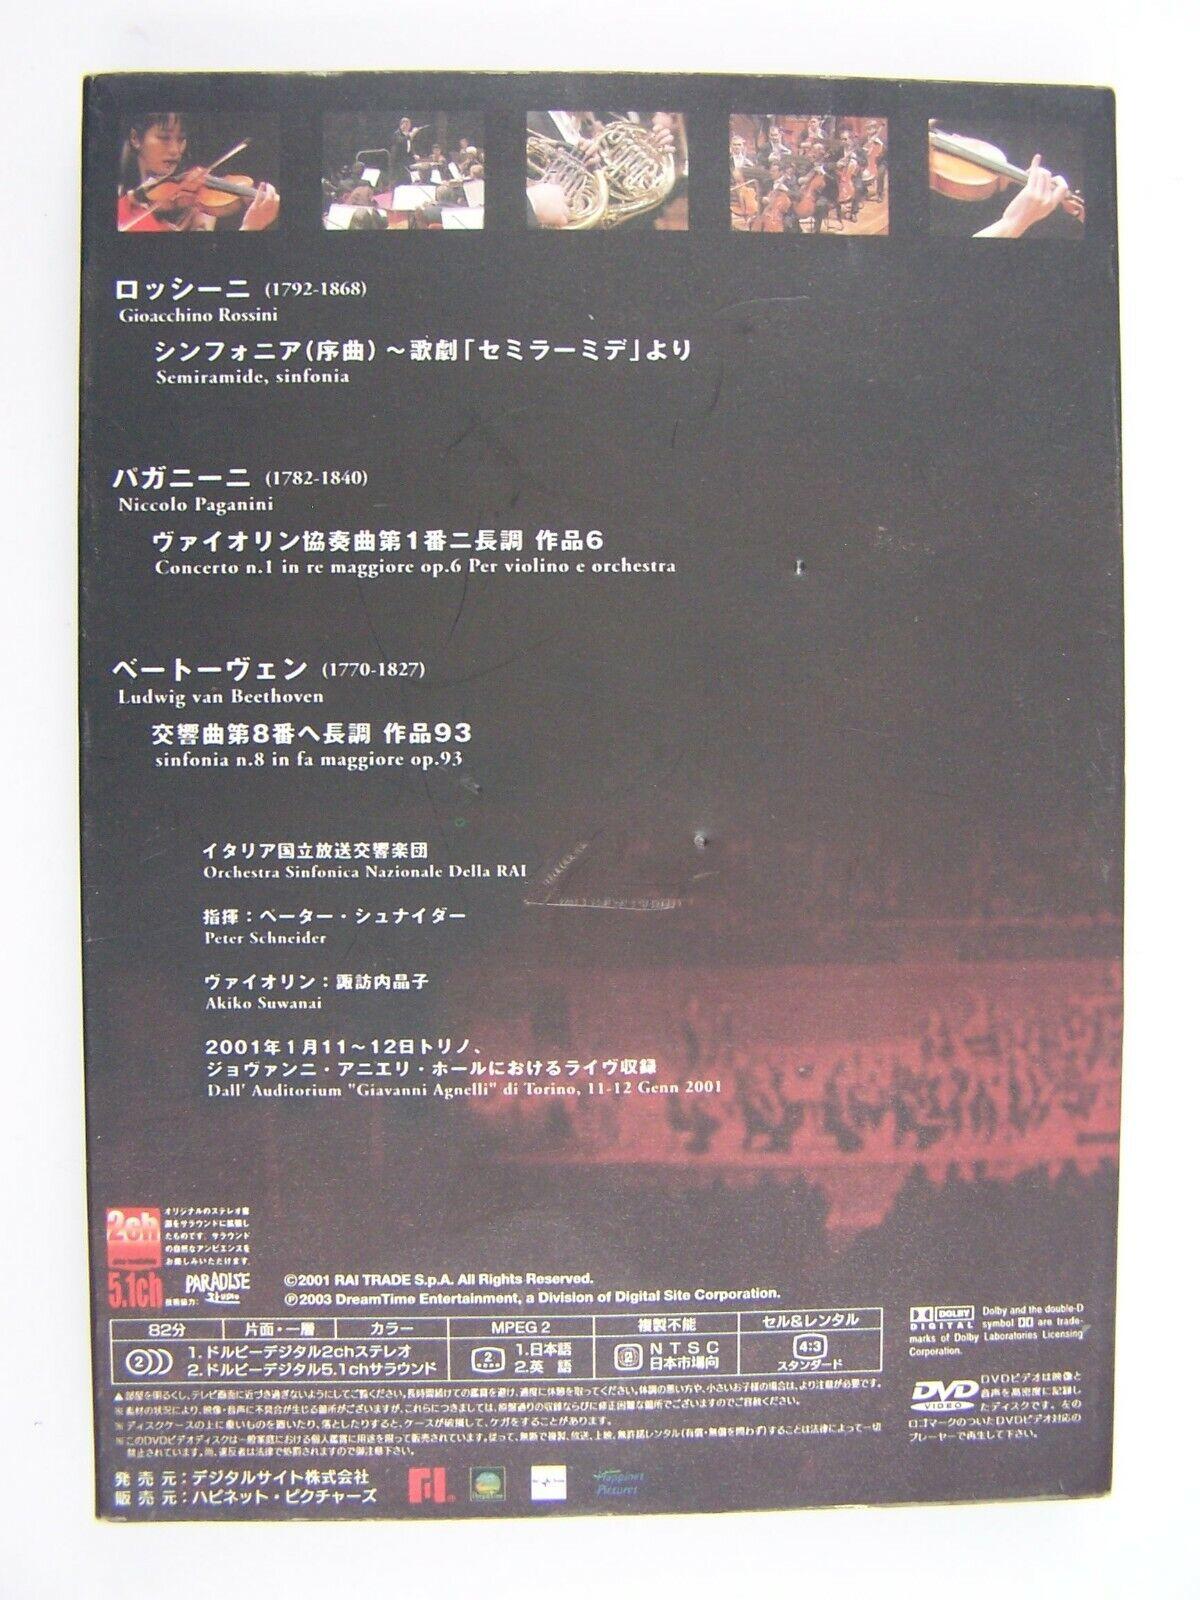 Akiko Suwanai & RAI National Symphony Orchestra DVD Reg